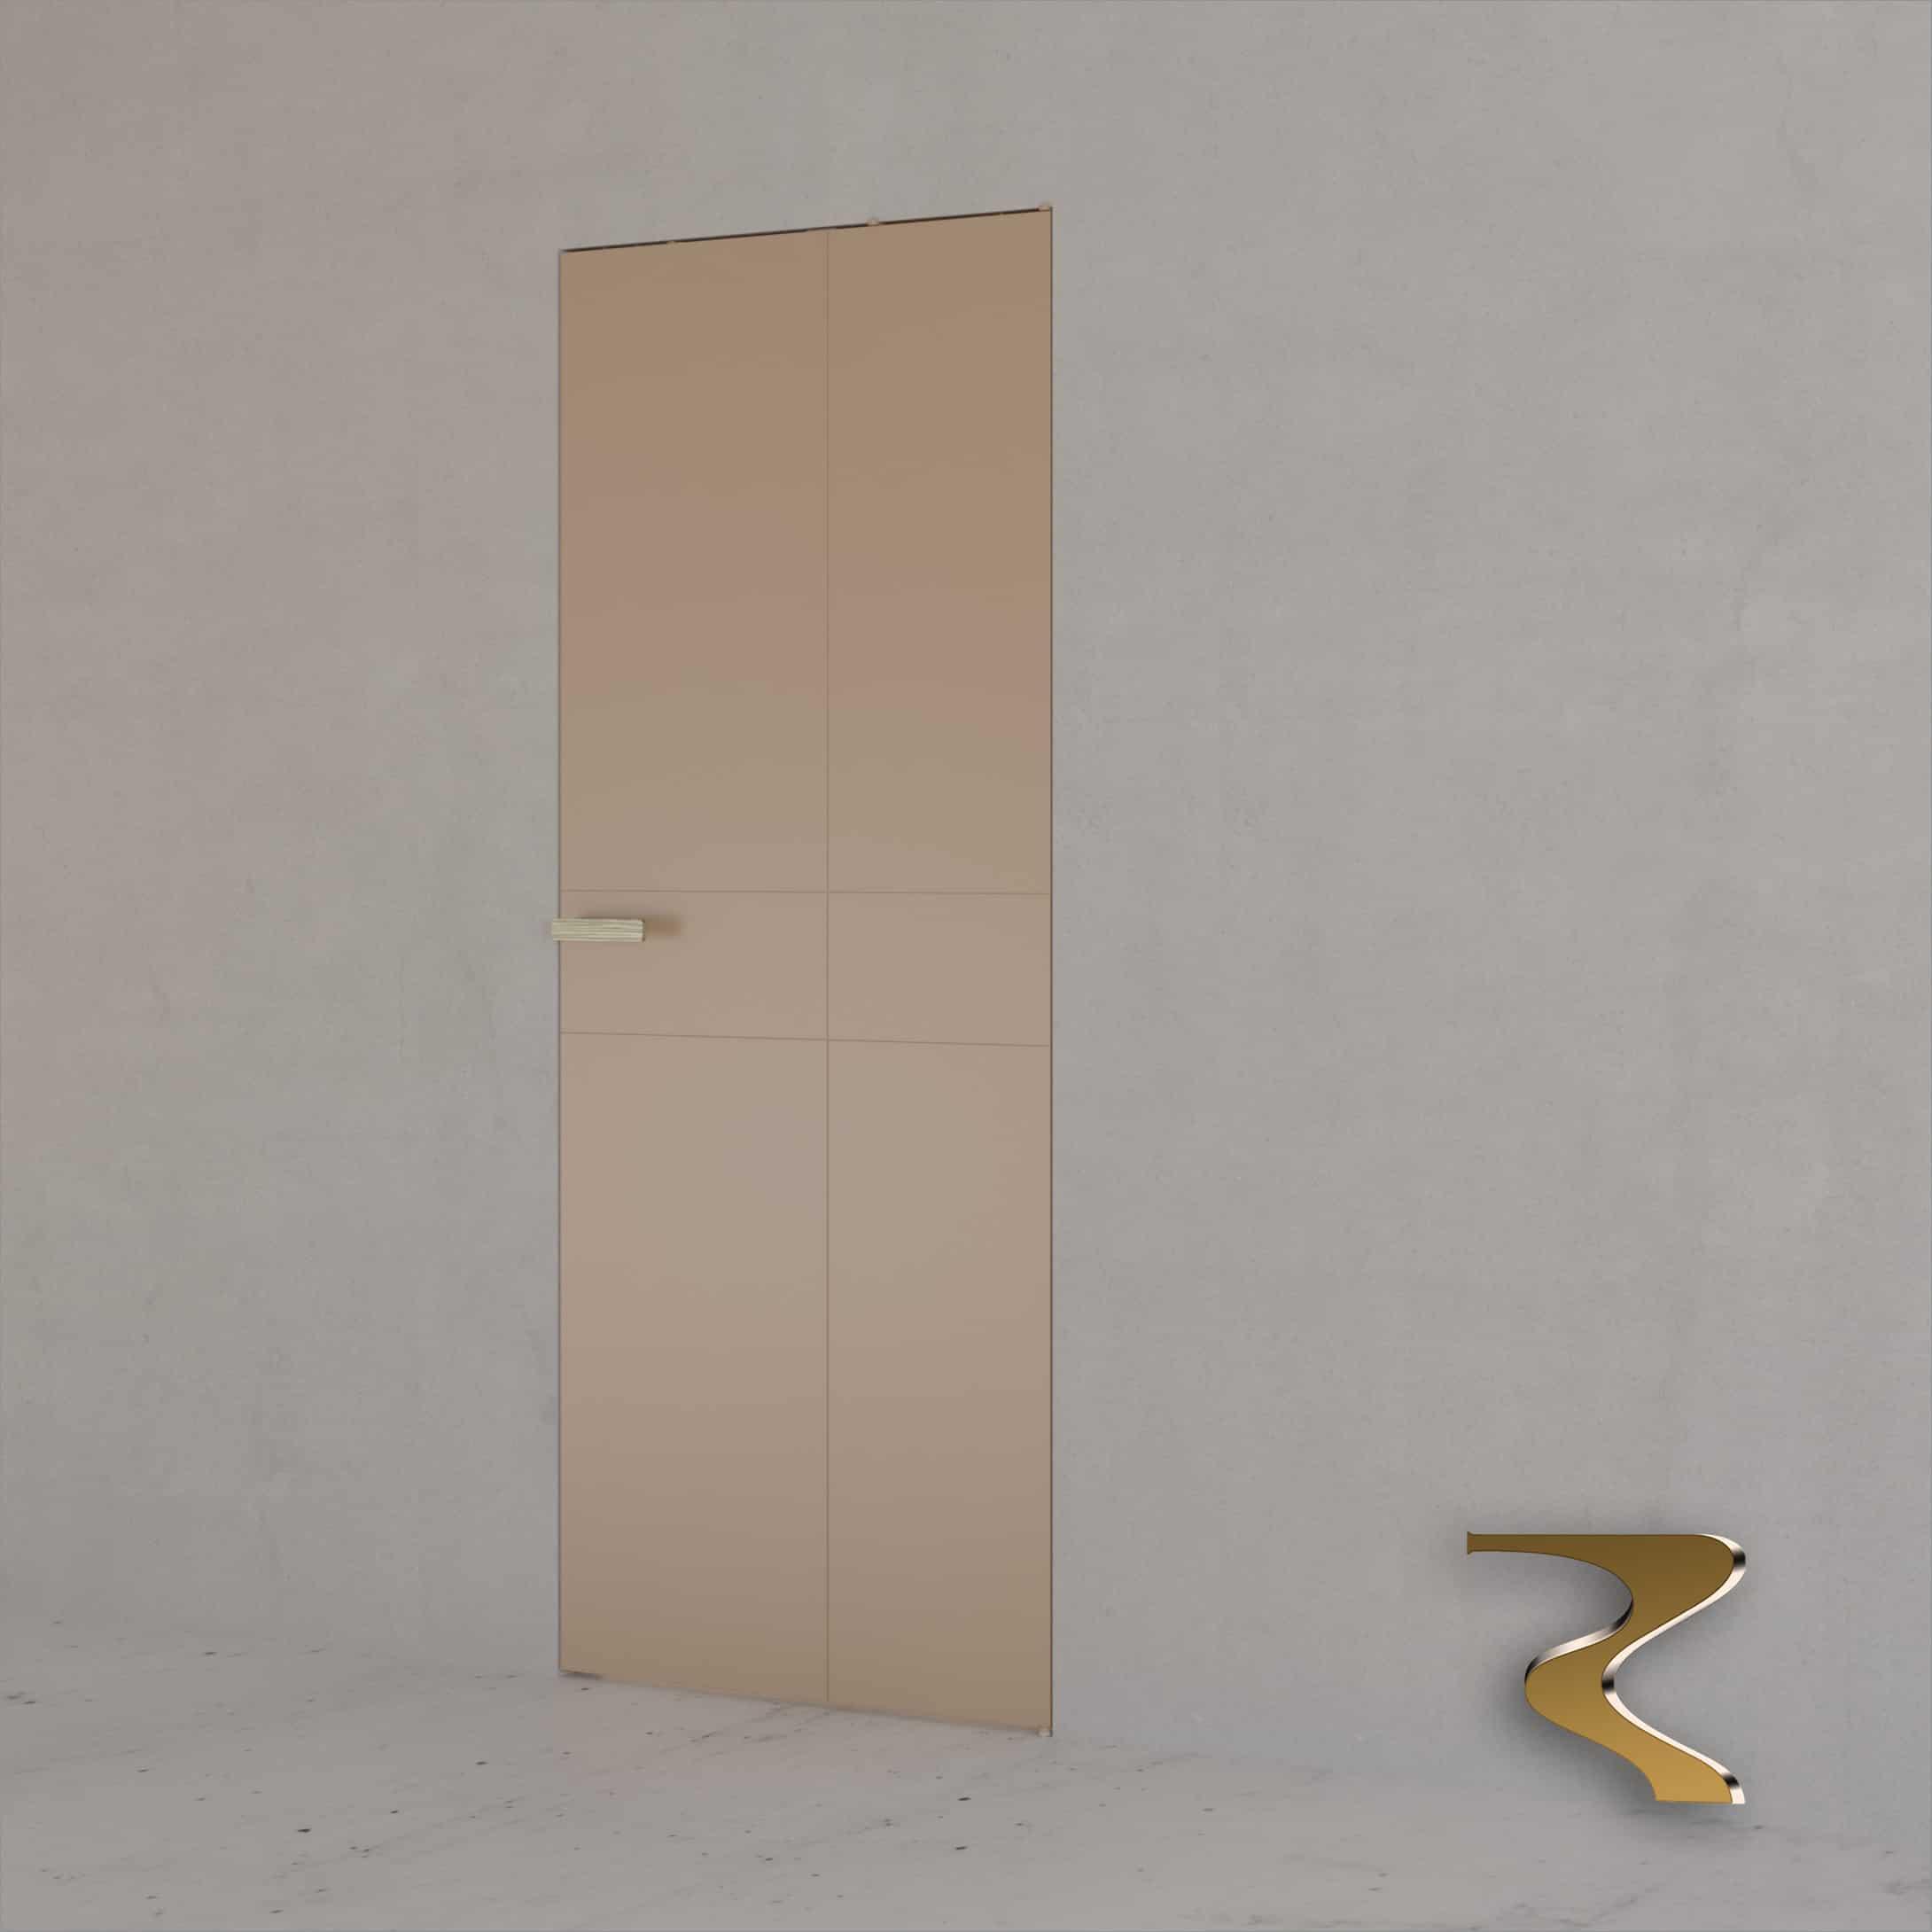 Комплект скрытой дверной коробки с поворотно-складной системой APMR-Hidden-Pan Rezident Design